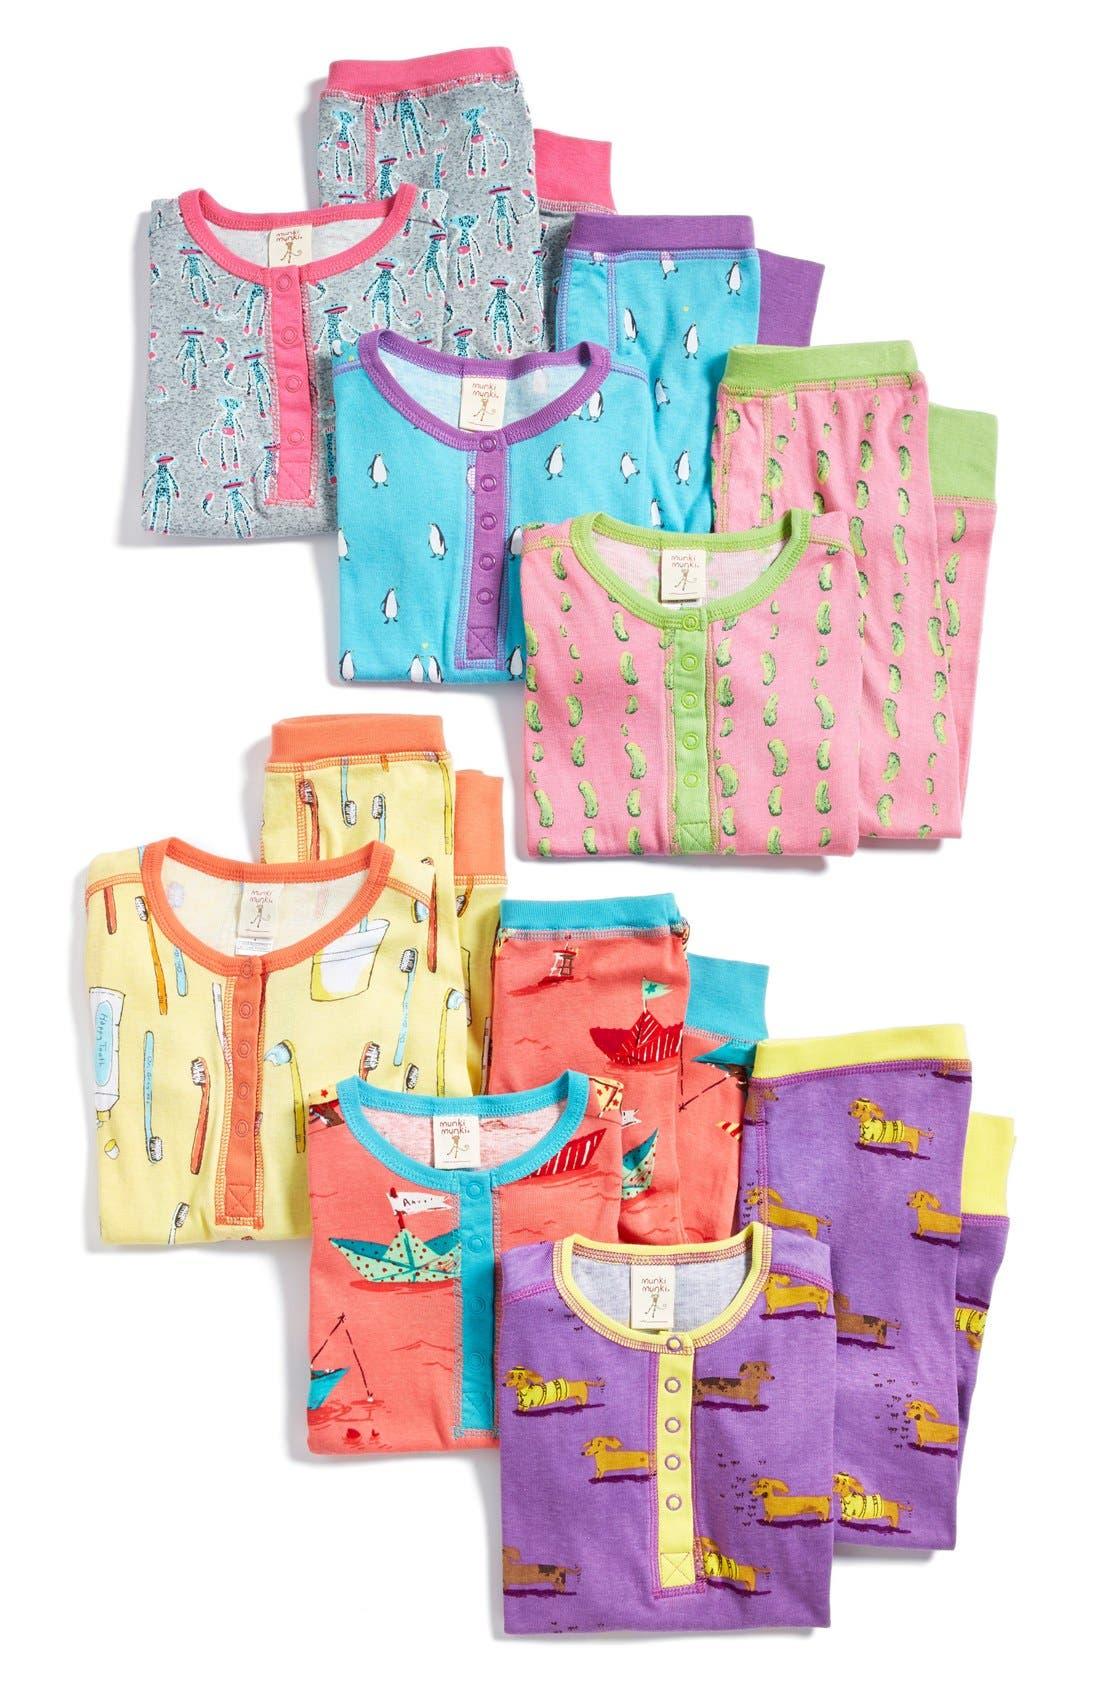 Alternate Image 1 Selected - Munki Munki Two-Piece Fitted Pajamas (Toddler Girls & Little Girls)